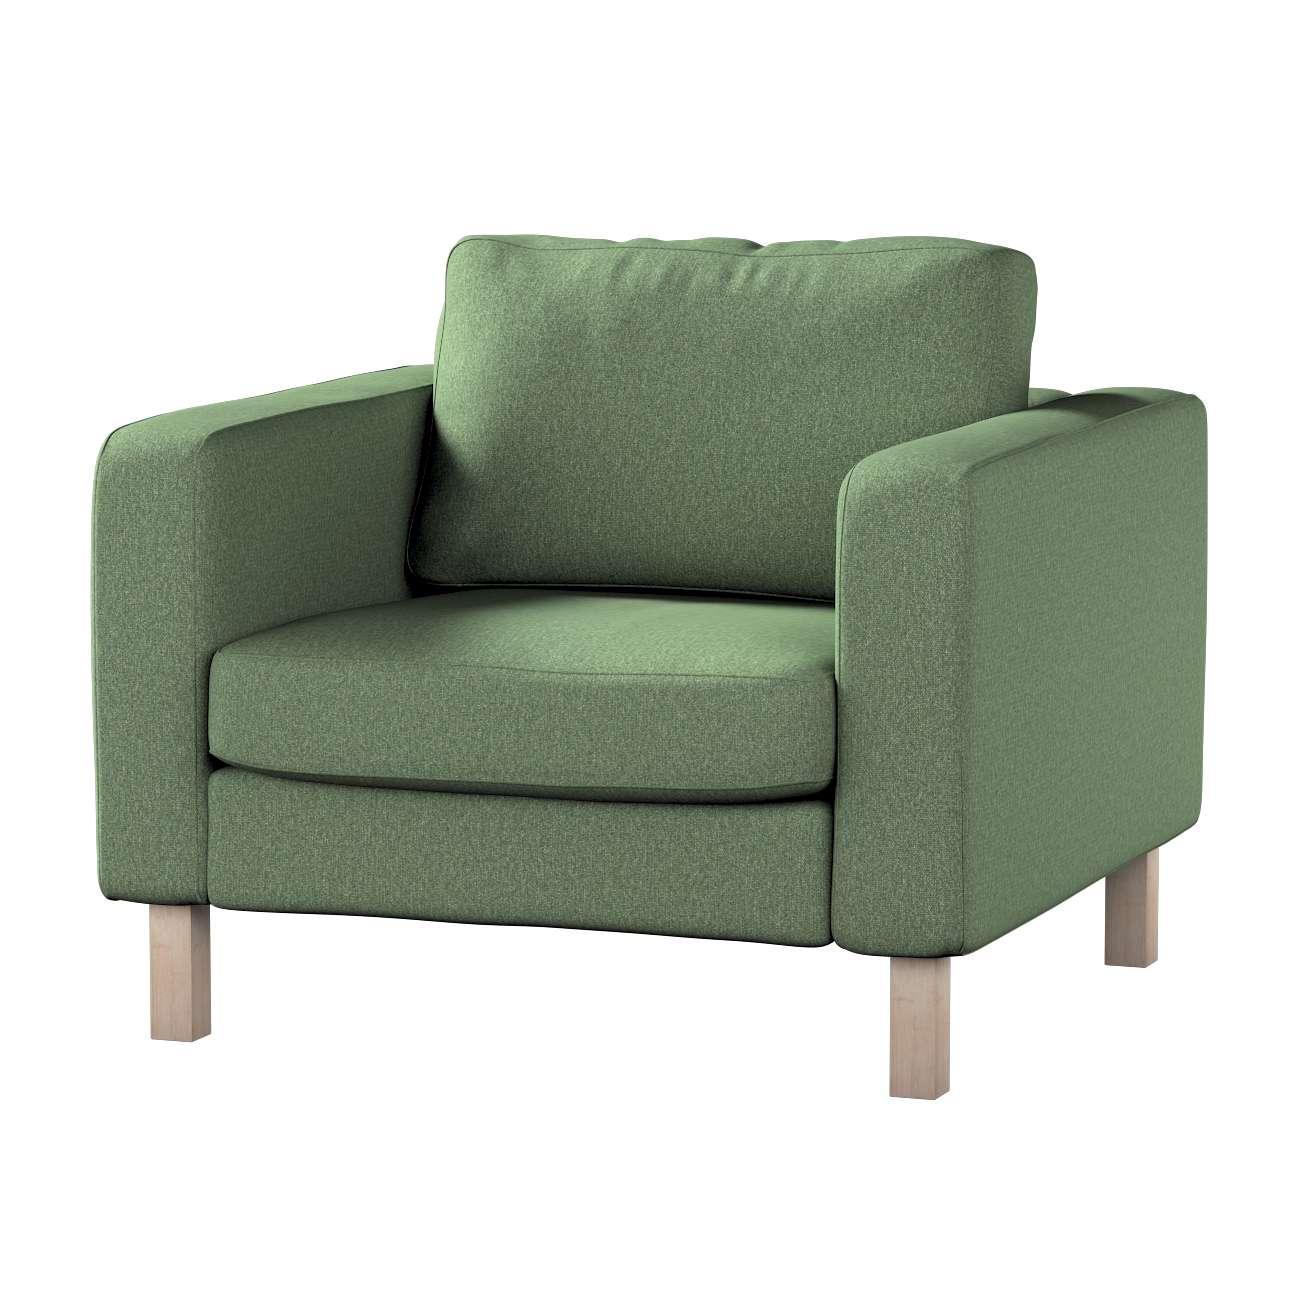 Pokrowiec na fotel Karlstad, krótki w kolekcji Amsterdam, tkanina: 704-44